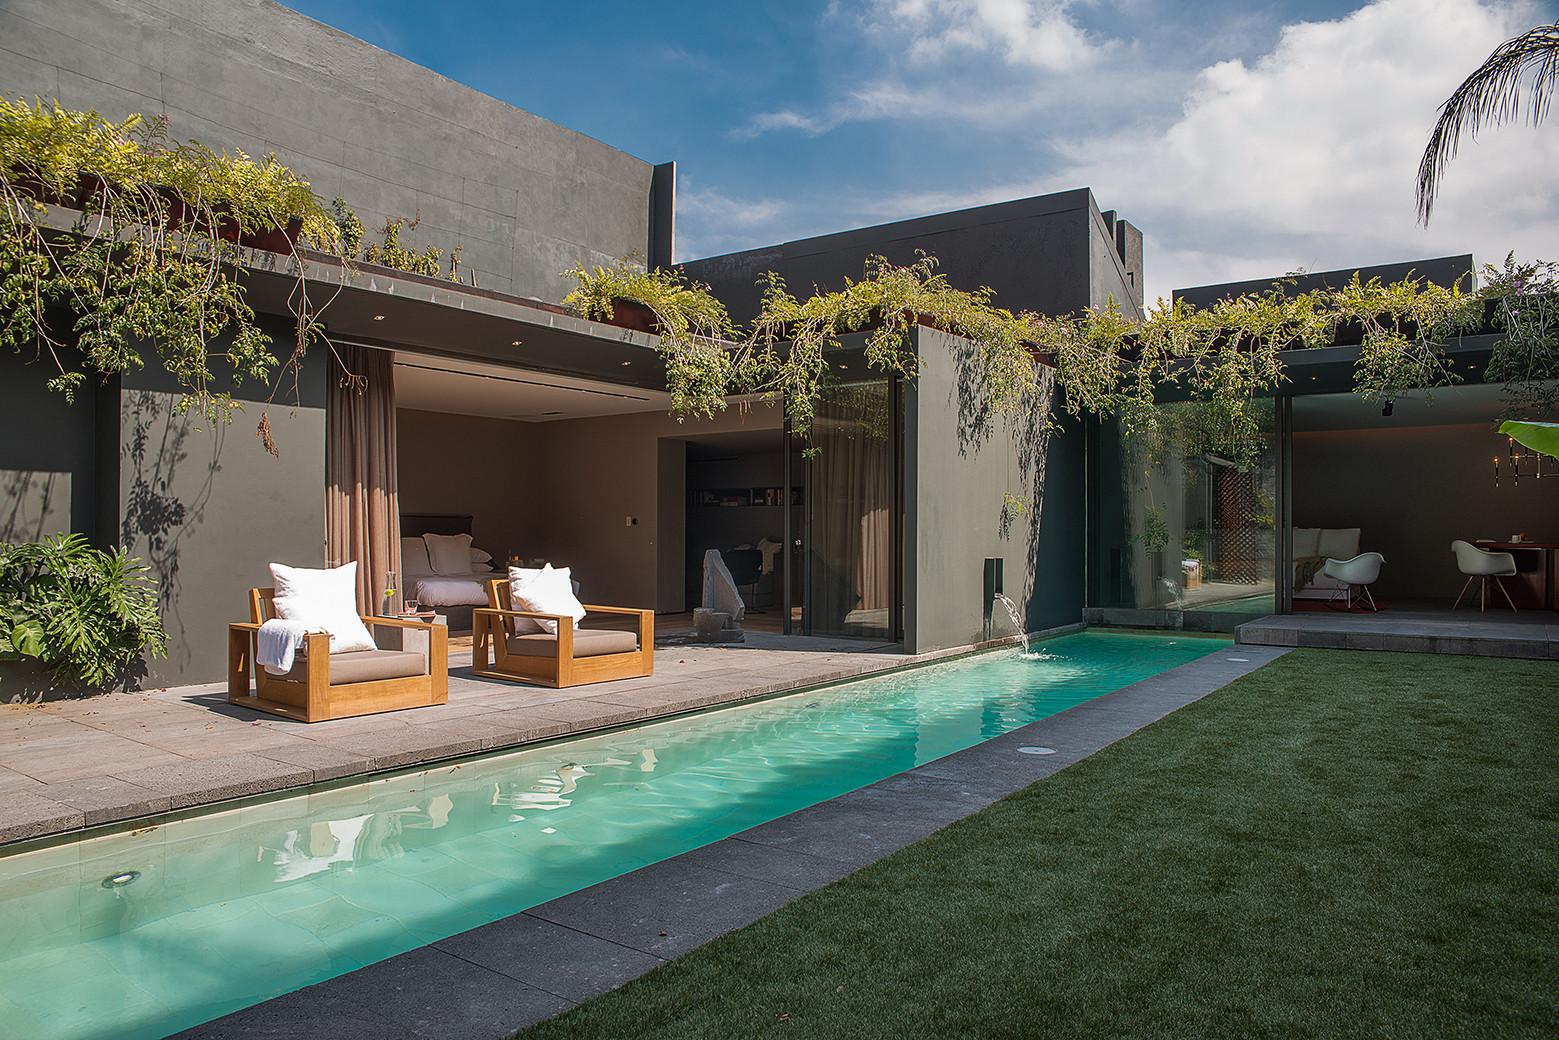 Galeria de casa barrancas ezequielfarca arquitectura y for Arquitectura y diseno de casas